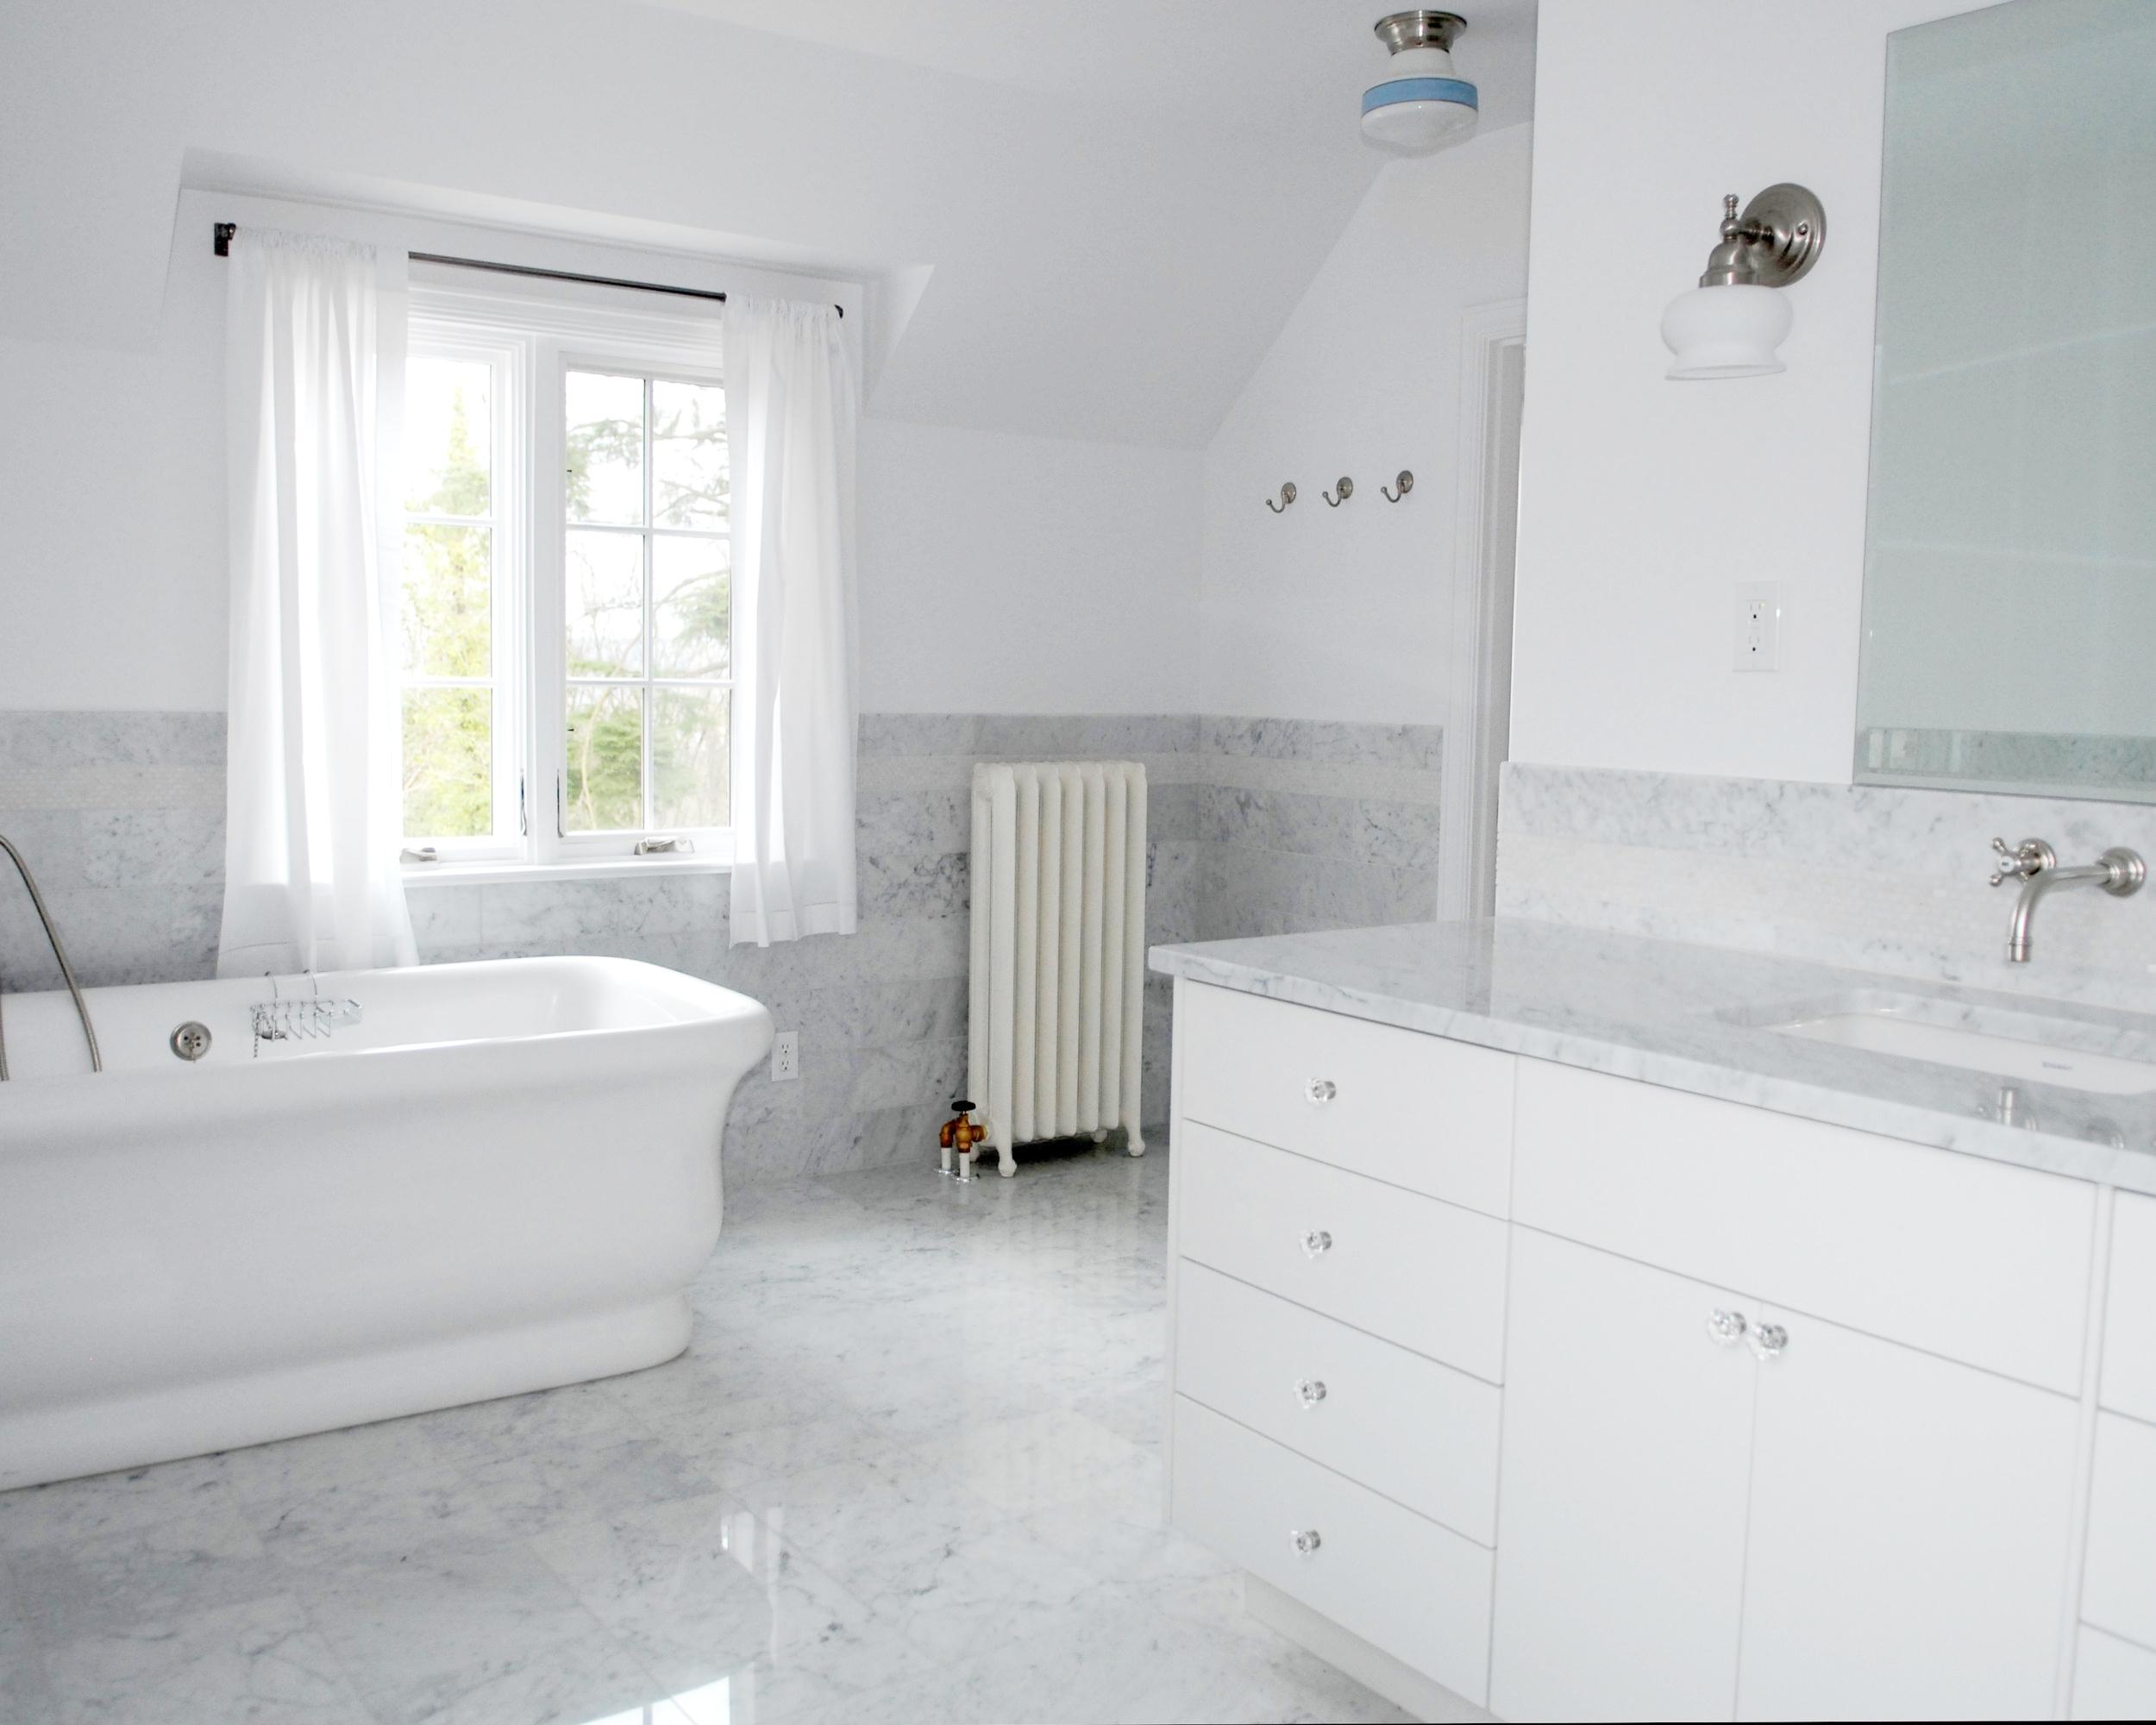 moo Kinser 2 bathroom_5.jpeg